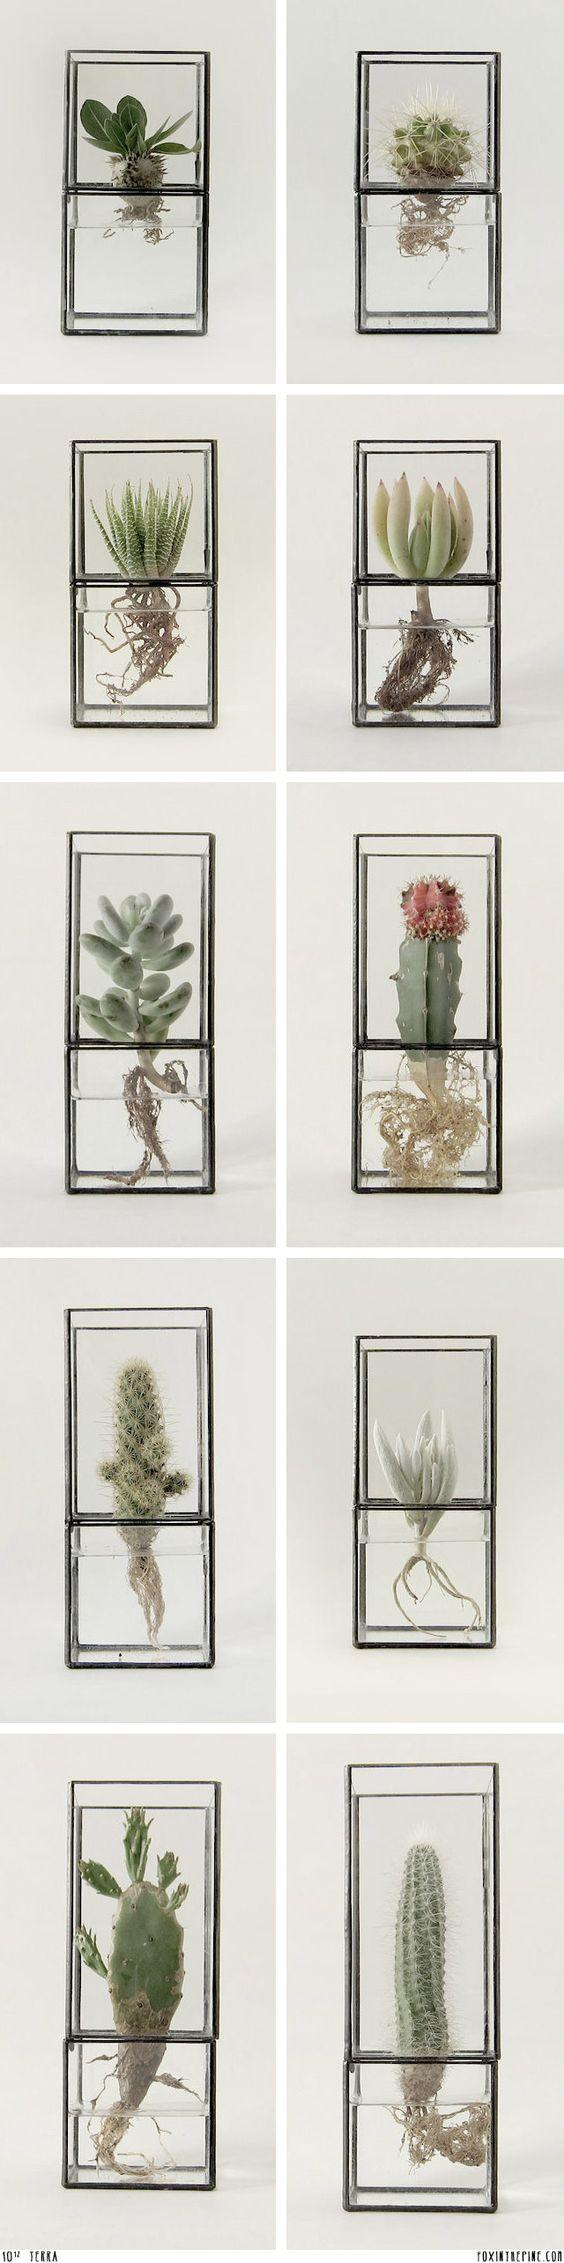 15+ Les Plus Belles Idées de Terrarium Qui Sont Simplement Incroyable  15+ Les Plus Belles Idées de Terrarium Qui Sont Simplement Incroyable  15+ Les Plus Belles Idées de Terrarium Qui Sont Simplement Incroyable